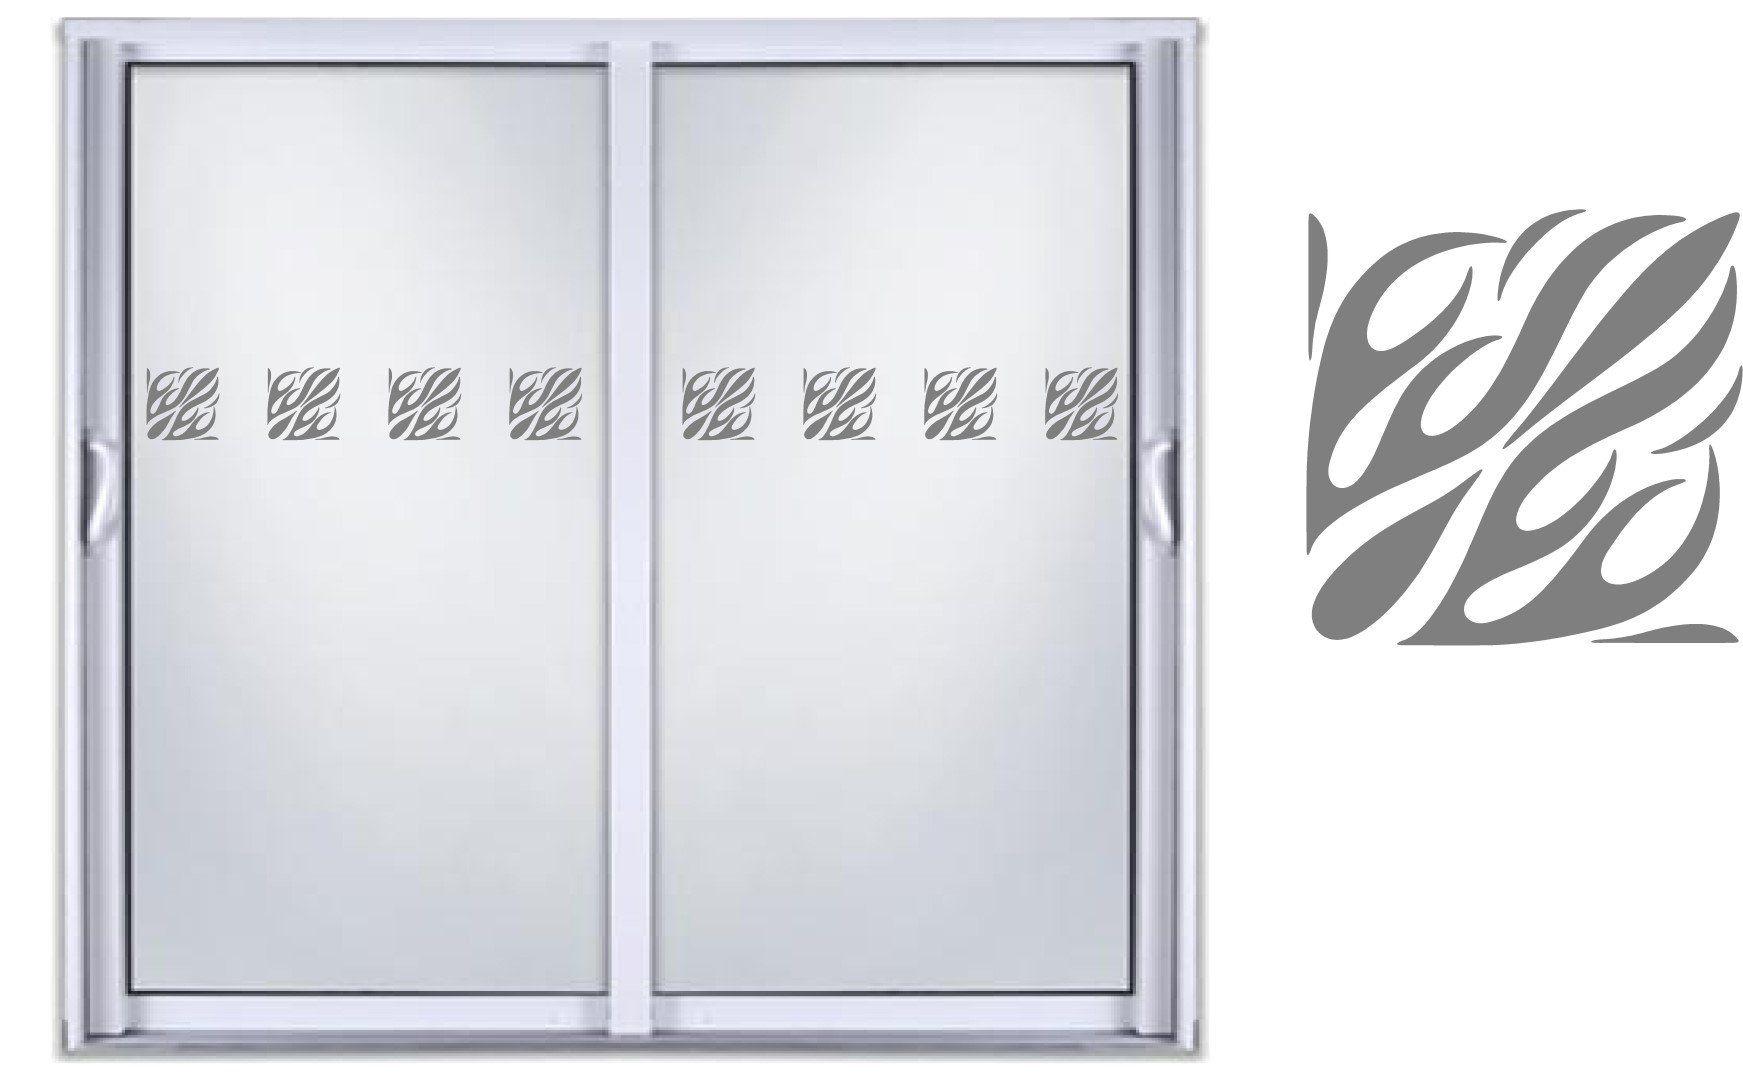 Safety diy etched glass vinyl privacy film glass door decals sliding door window decal stickers 05